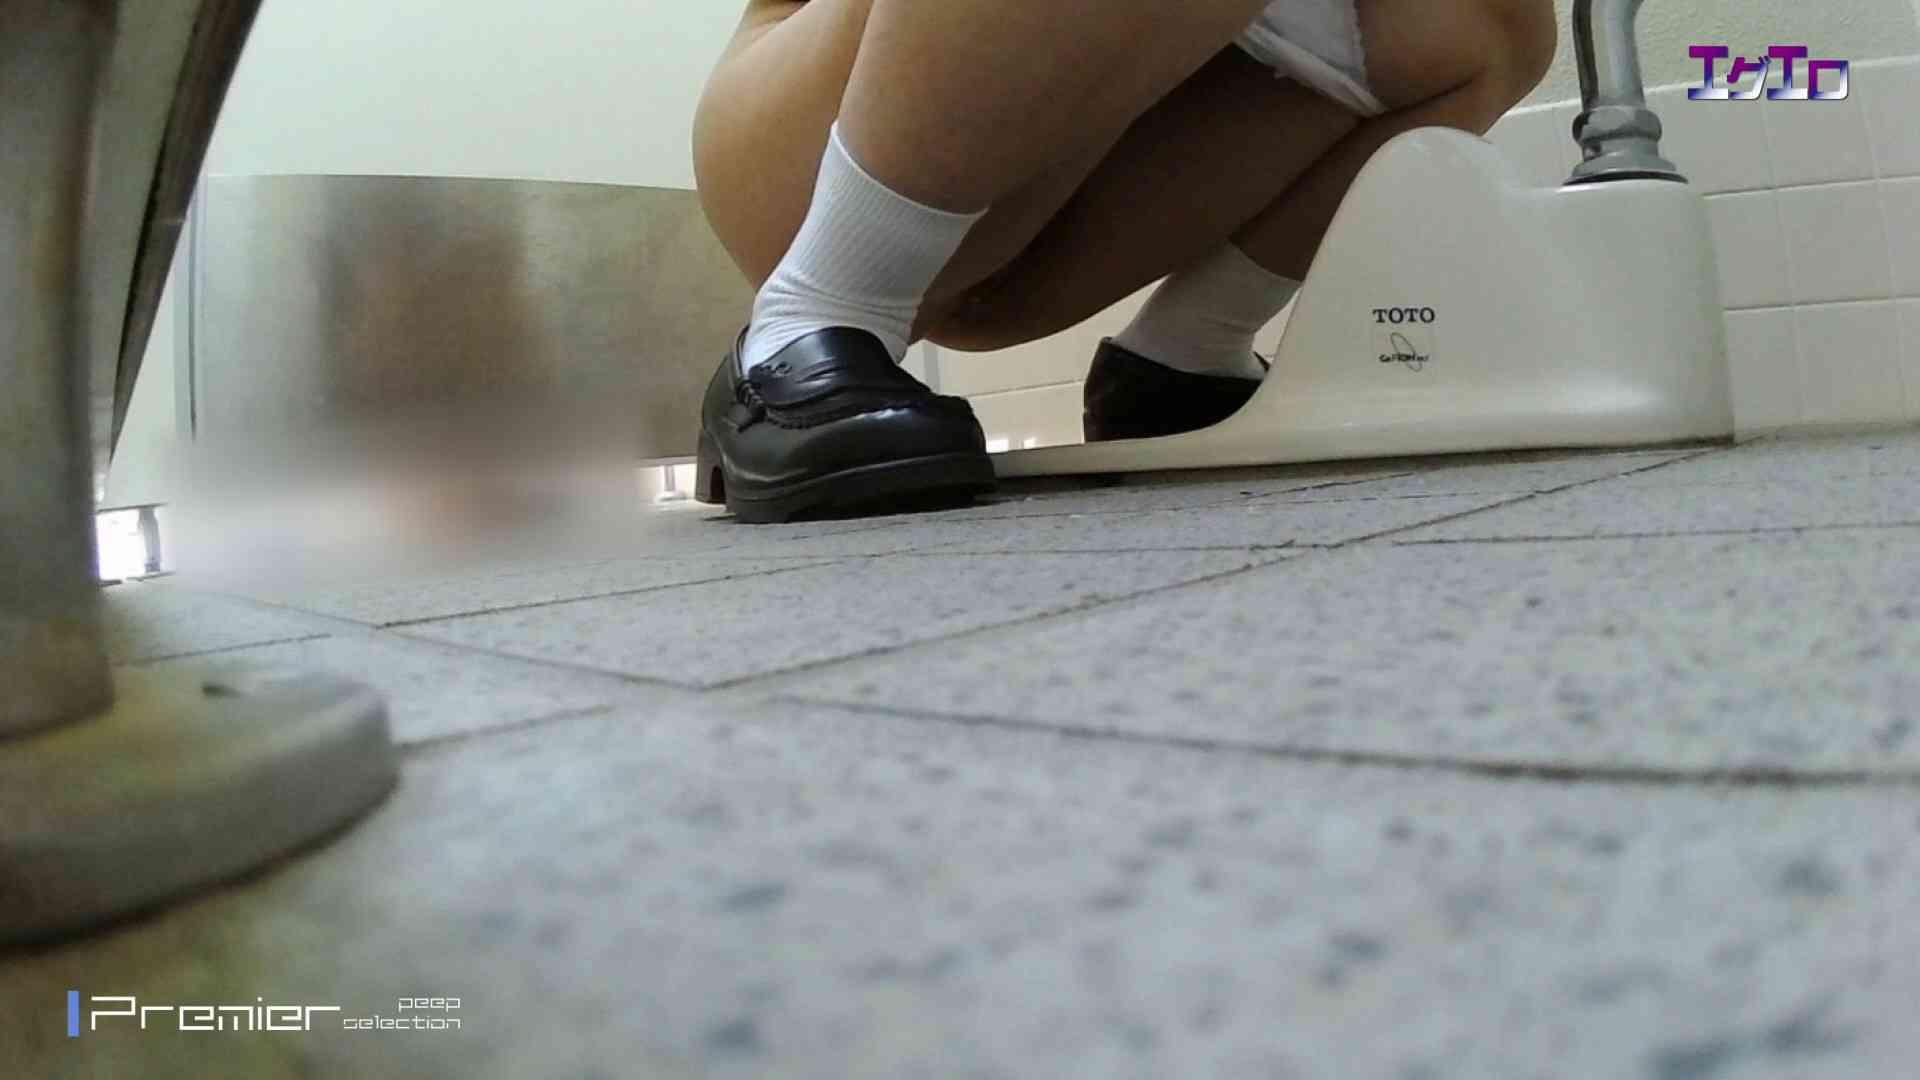 執念の撮影&追撮!!某女子校の通学路にあるトイレ 至近距離洗面所 Vol.16 色っぽいOL達 おまんこ無修正動画無料 58pic 11